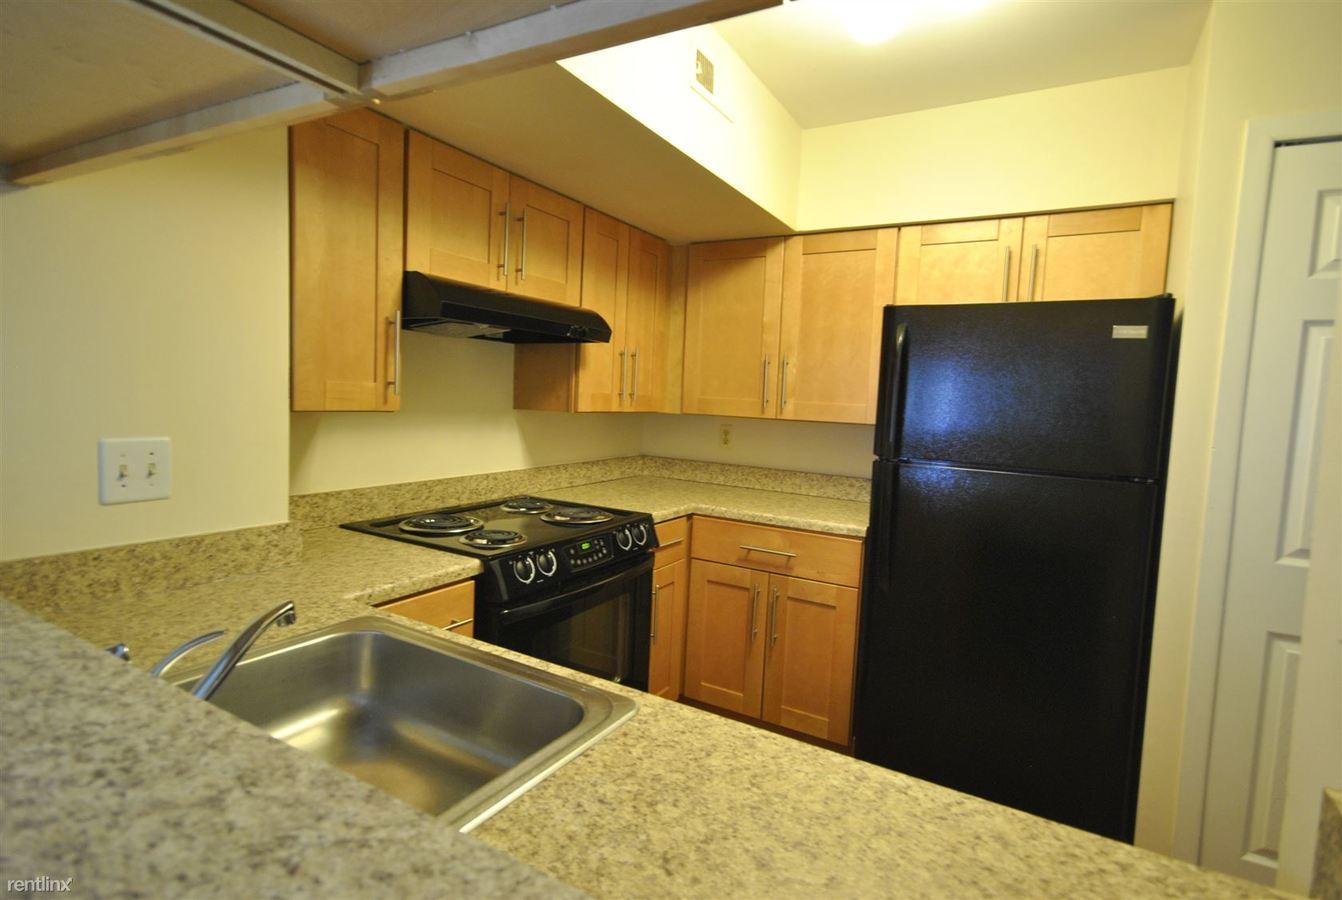 2 Bedrooms 2 Bathrooms Apartment for rent at Briarcrest Condos in Ann Arbor, MI